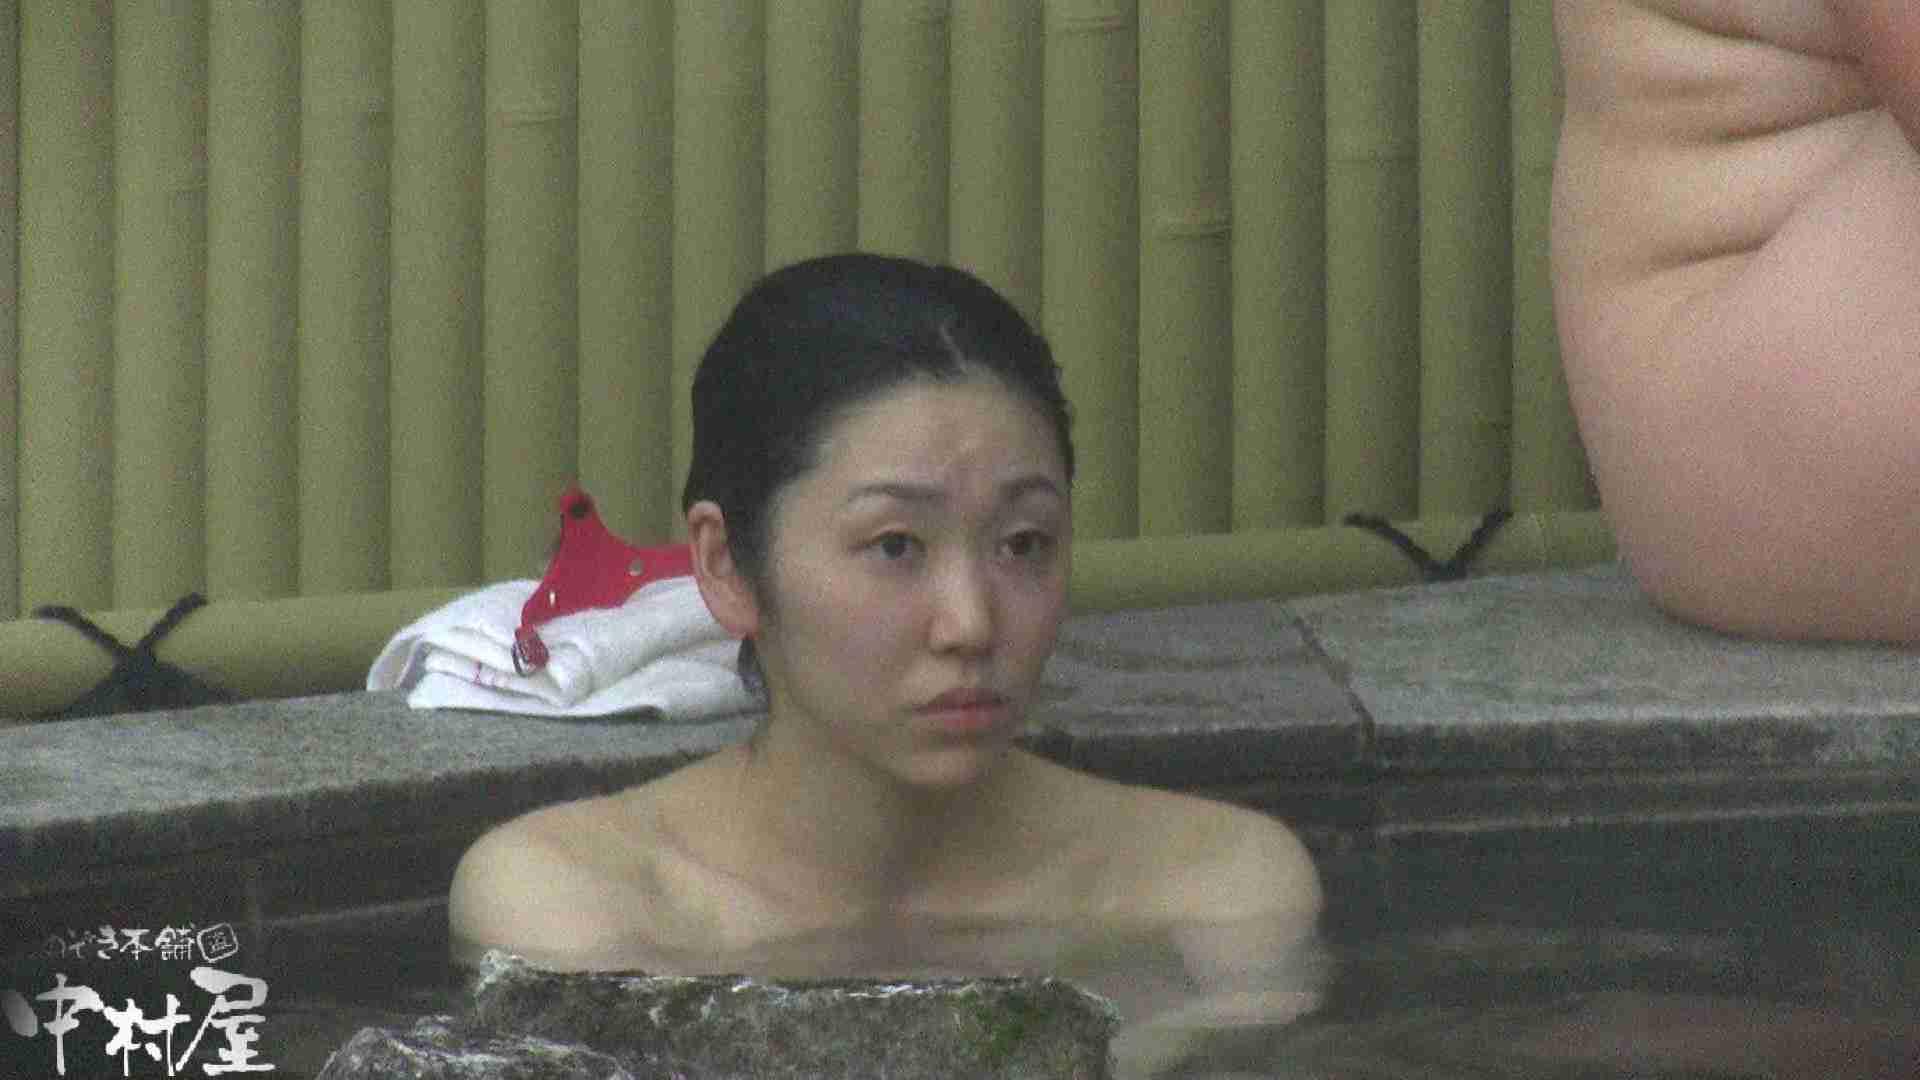 Aquaな露天風呂Vol.917 盗撮シリーズ  108PIX 38